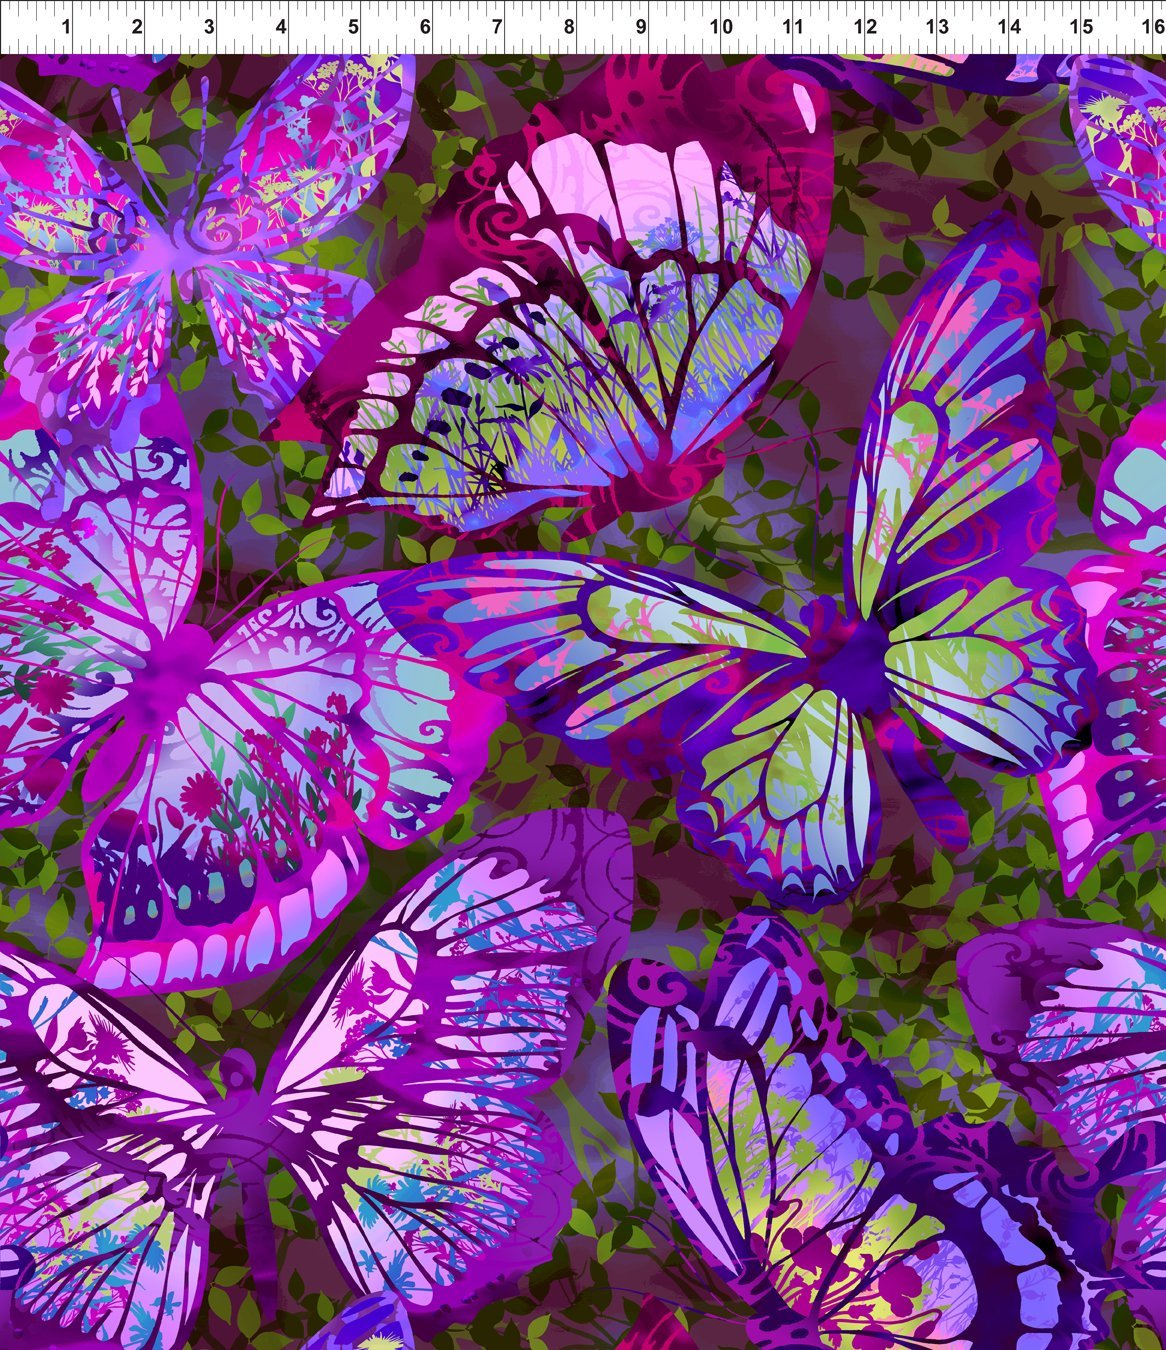 Dreamscapes II-Lg Butterflies-Purple